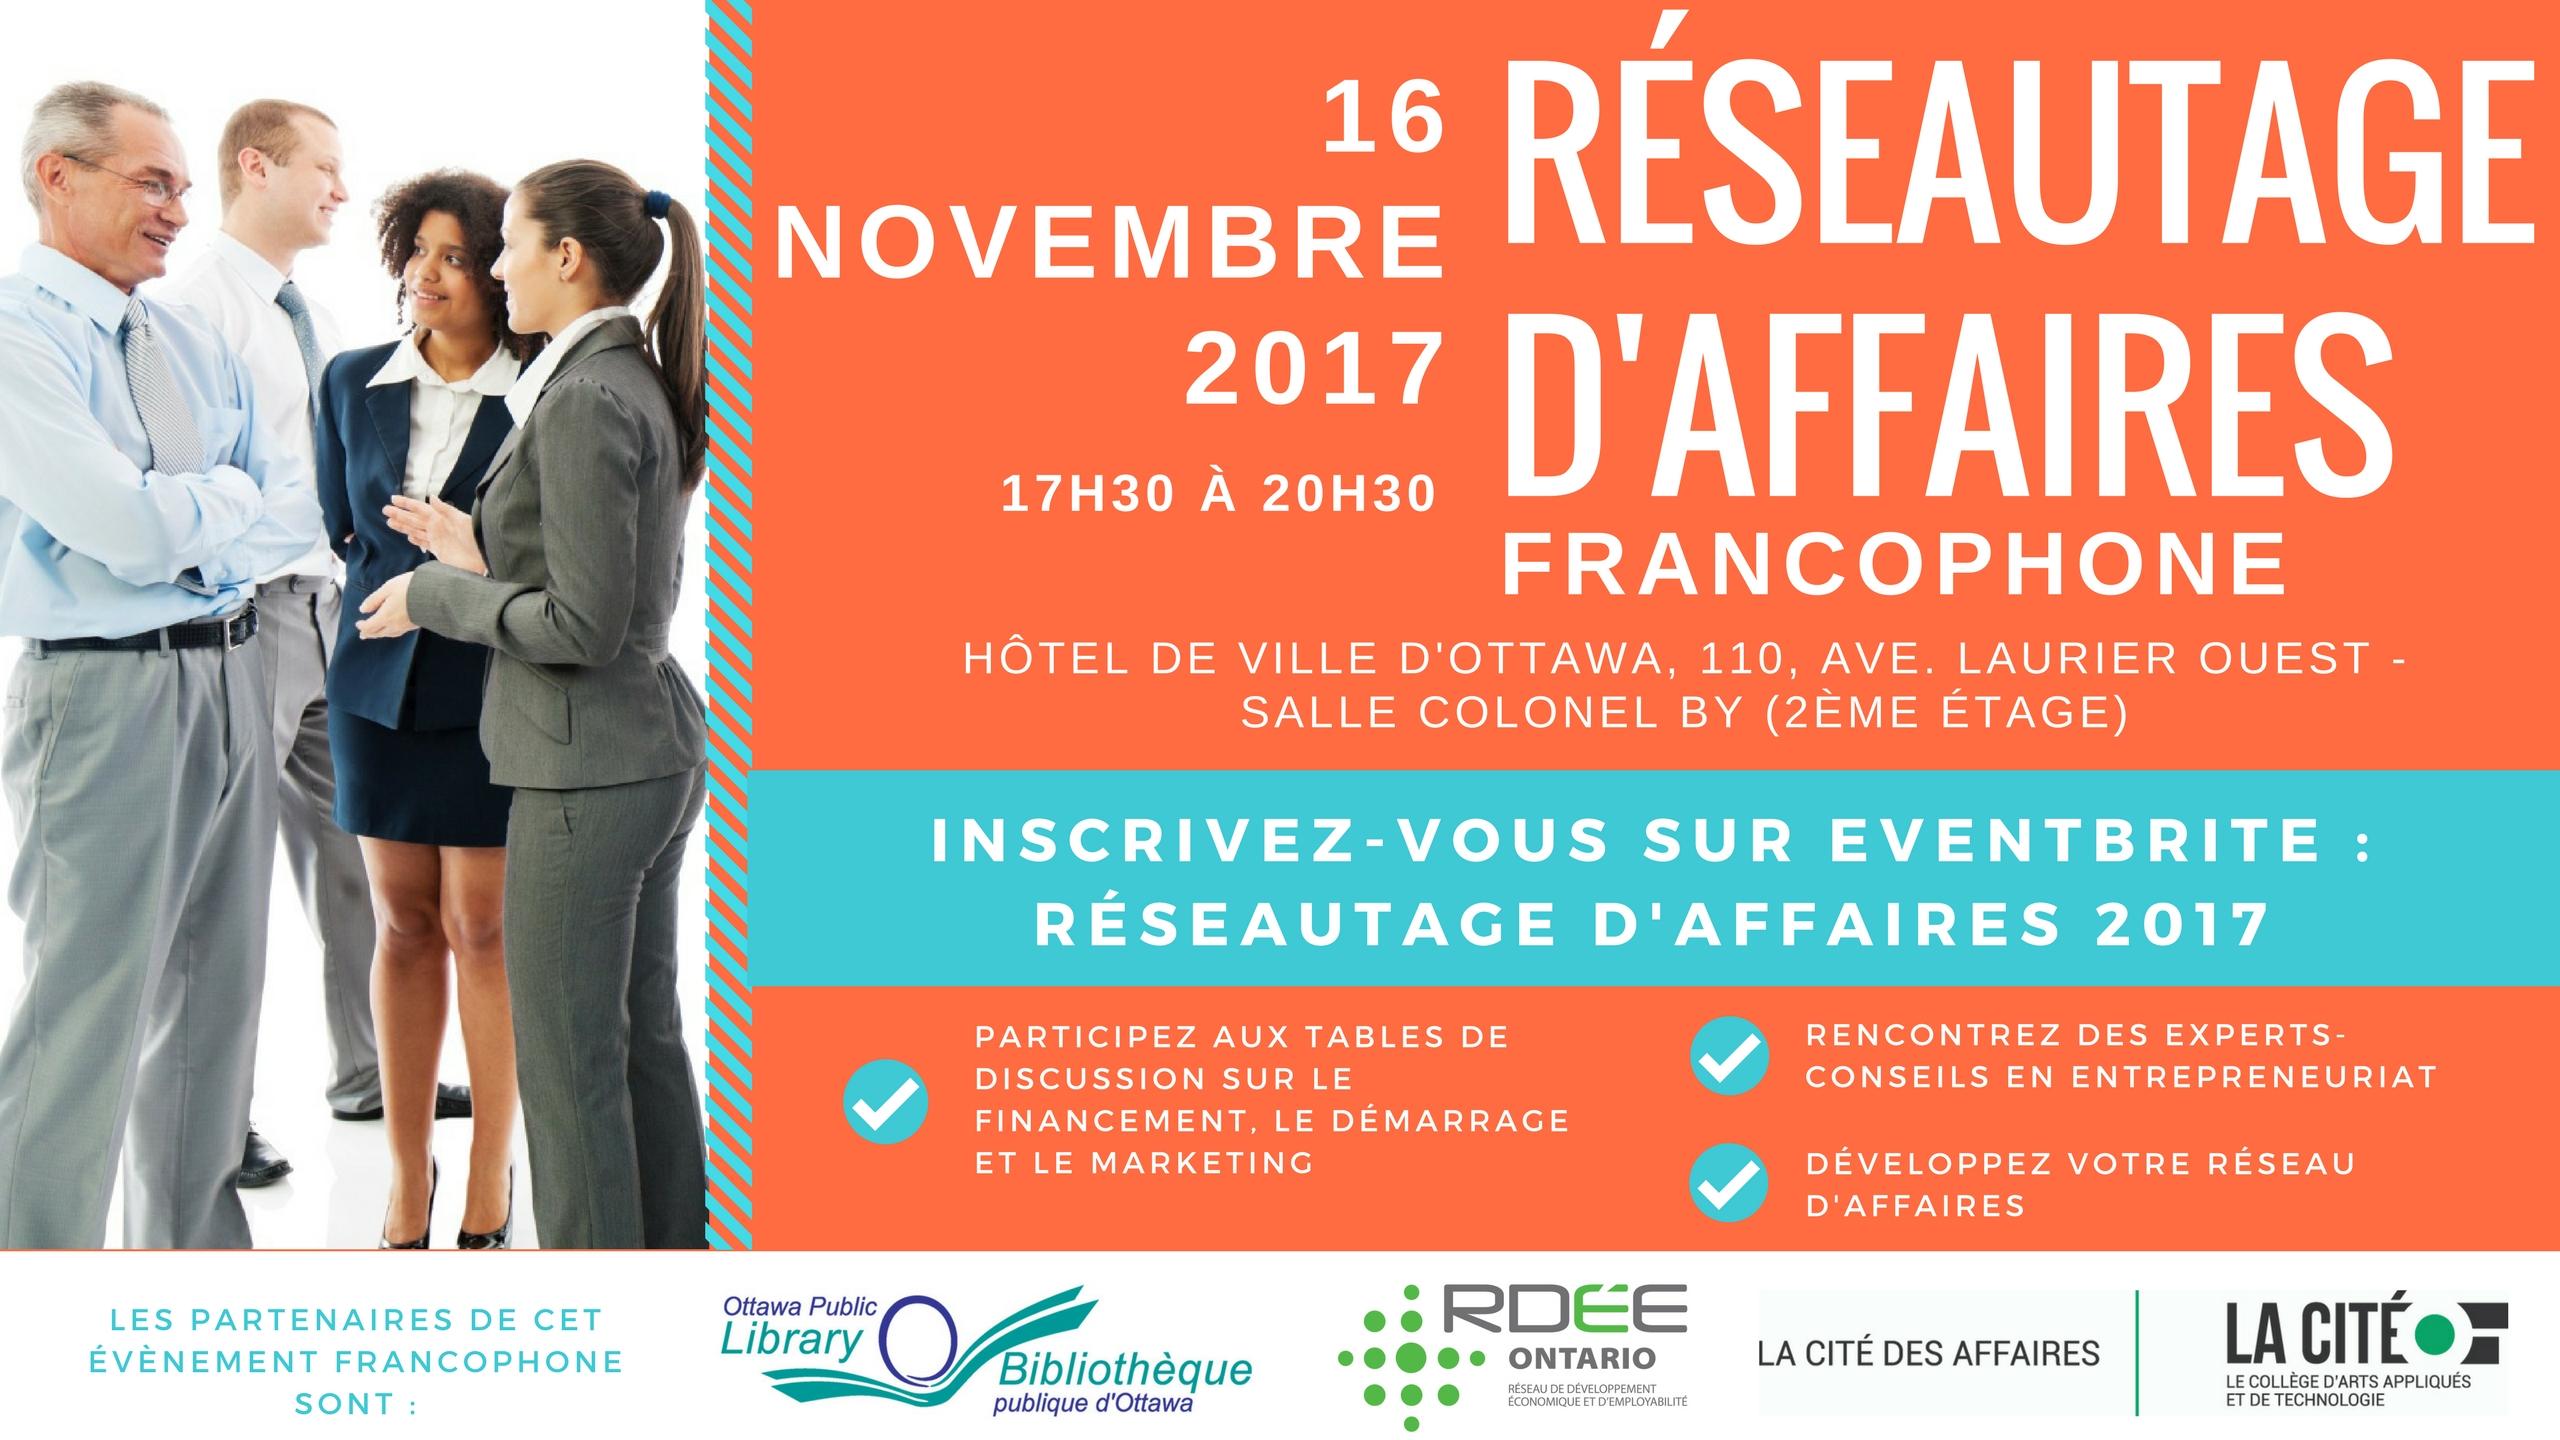 Banner with Réseautage d'affaires event information